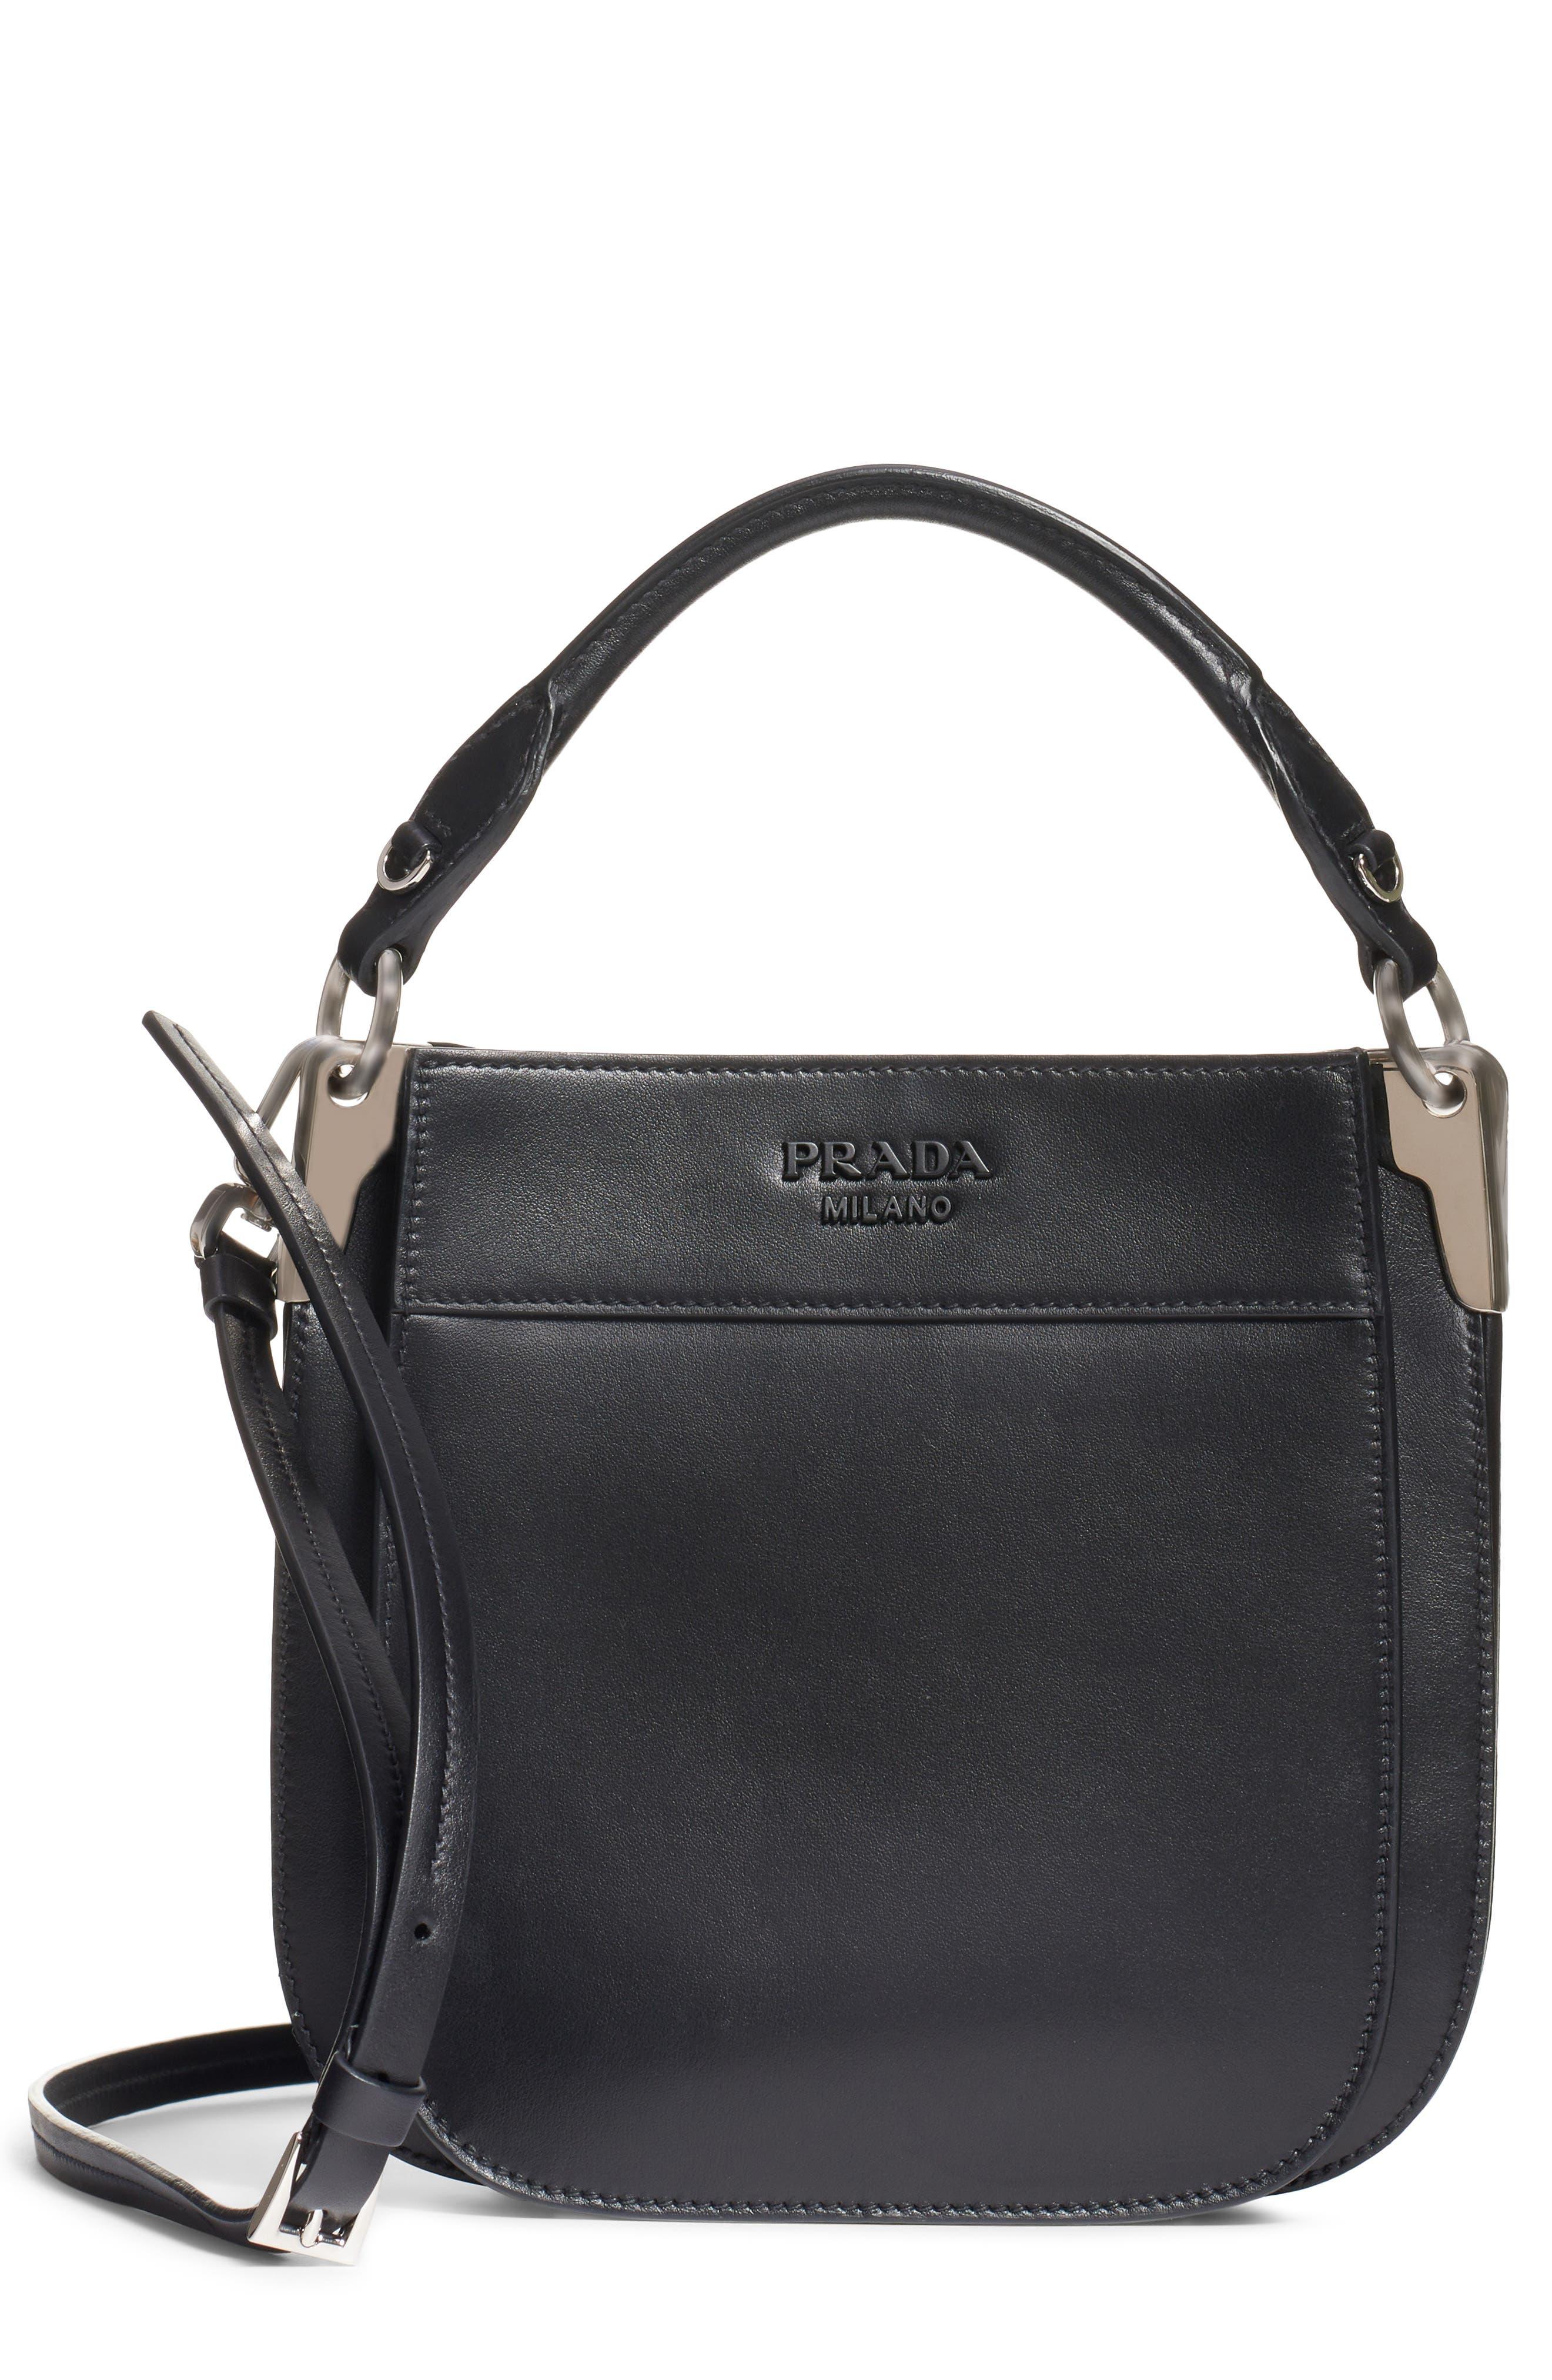 d255456e2c79 ... ebay prada city calfskin leather hobo bag 4621b 3e953